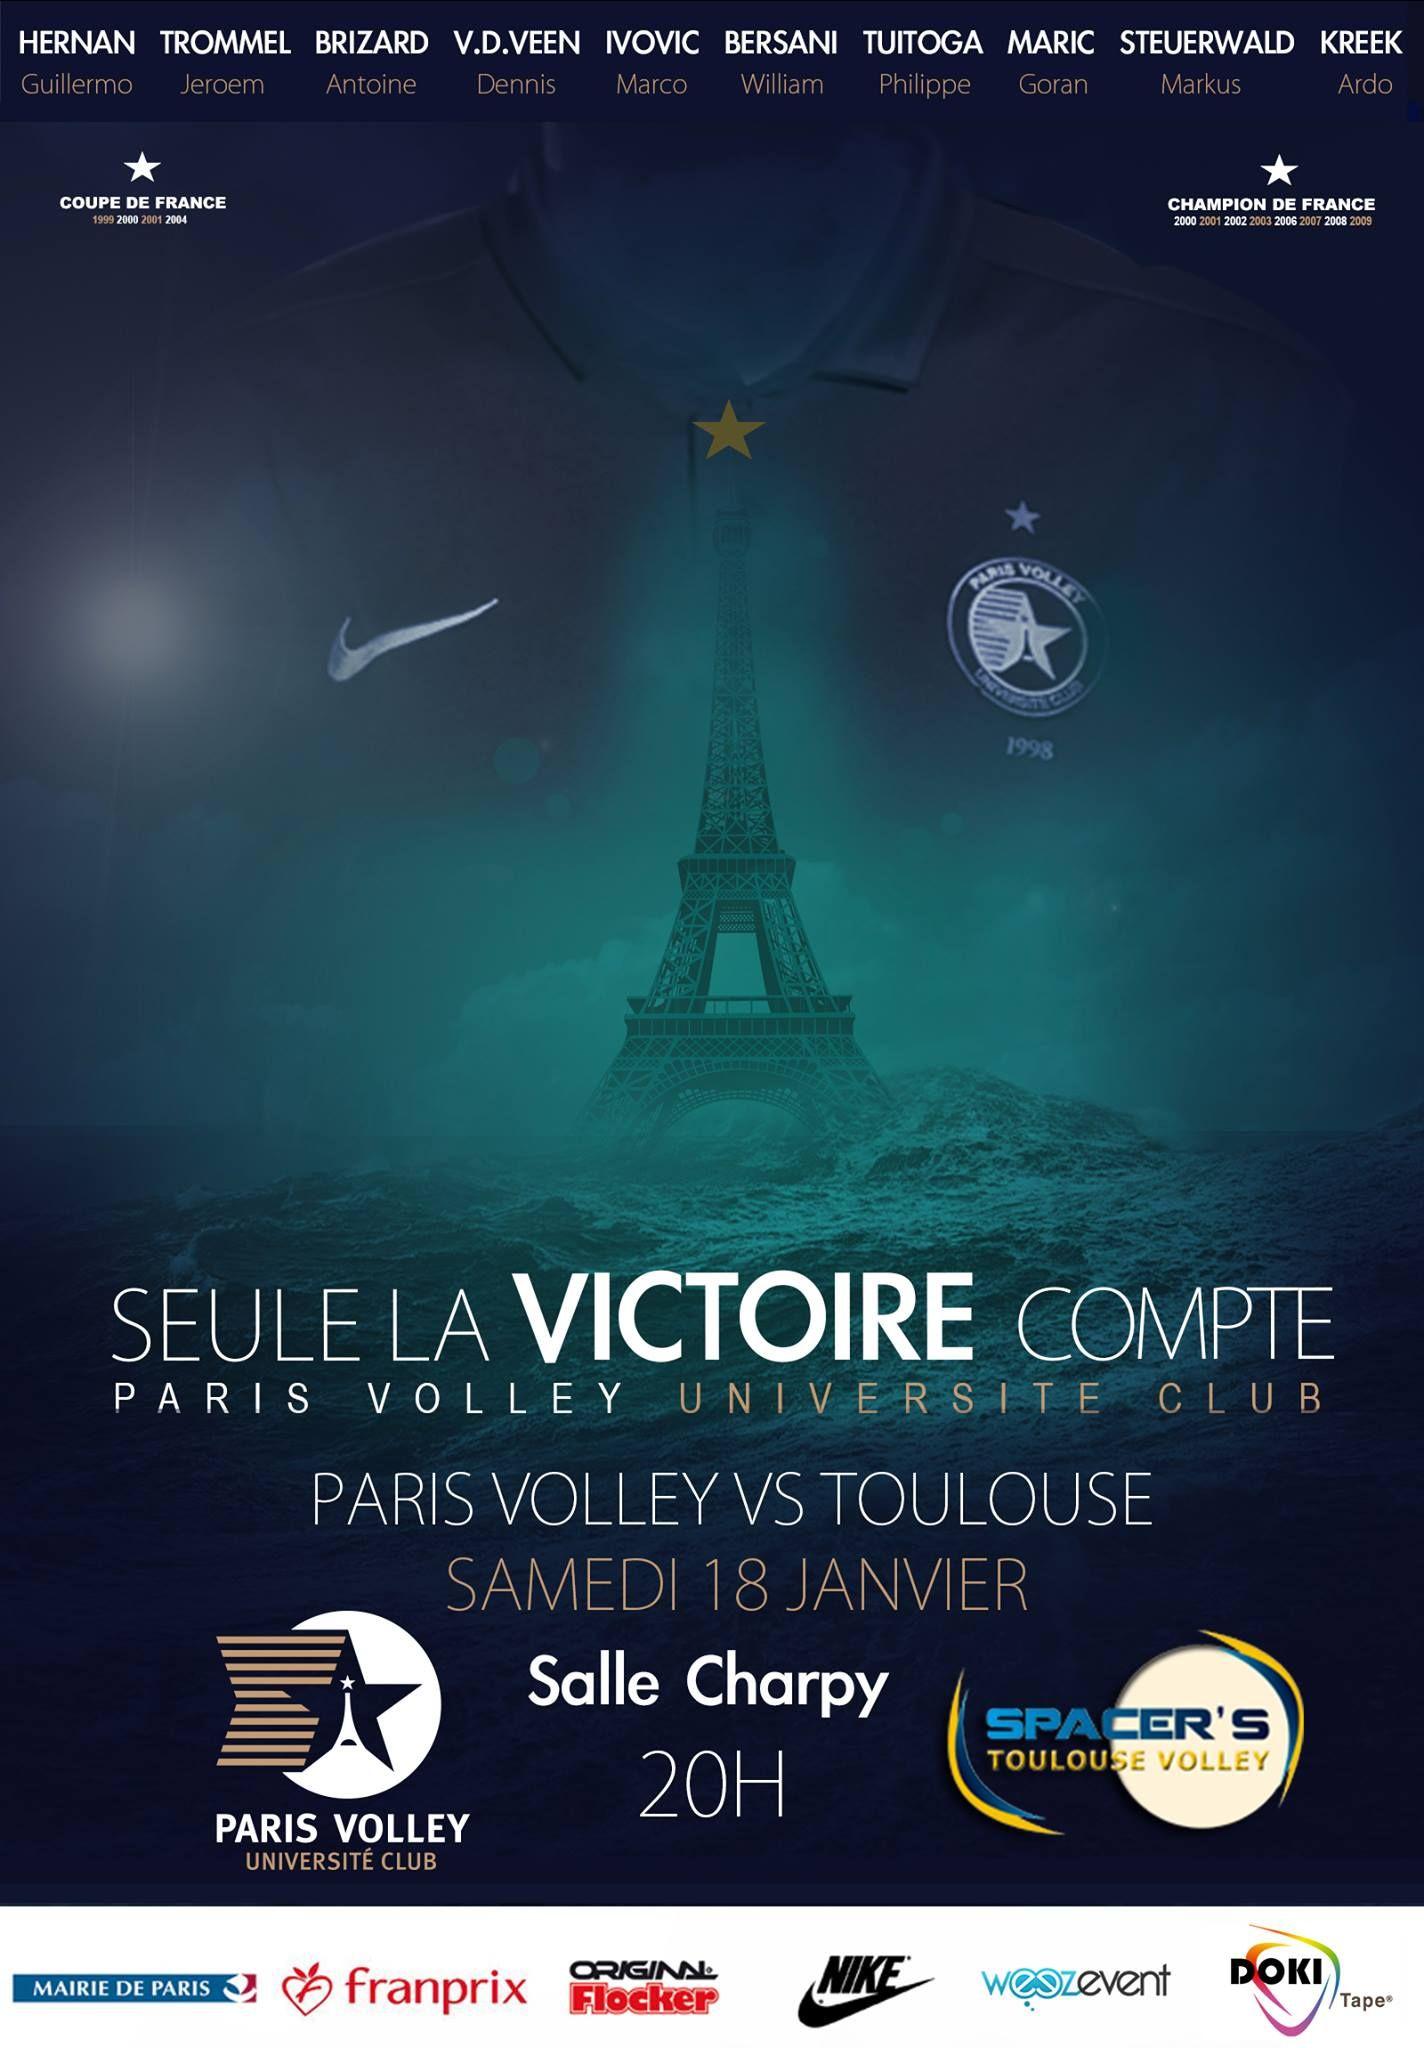 affiche Affiche, Club paris, Coupe de france